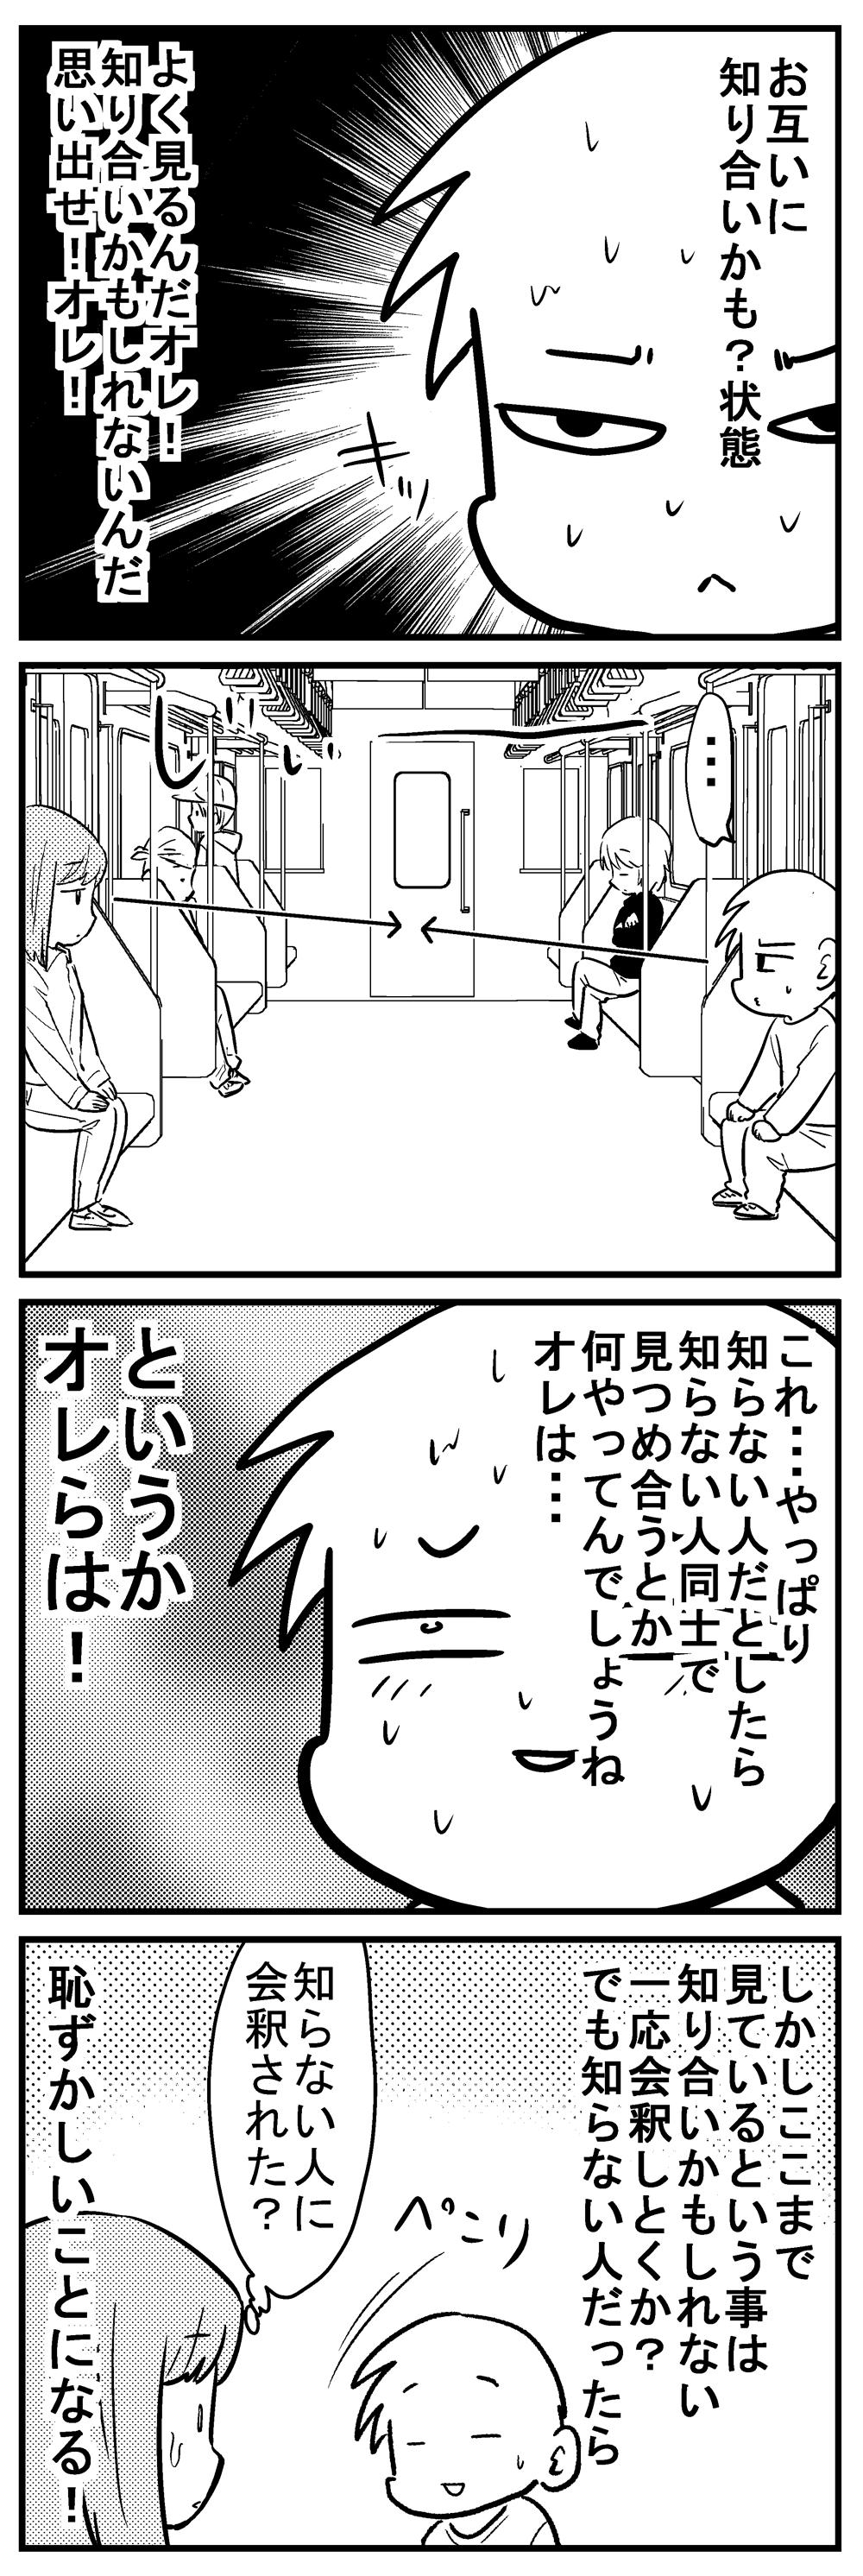 深読みくん103 3